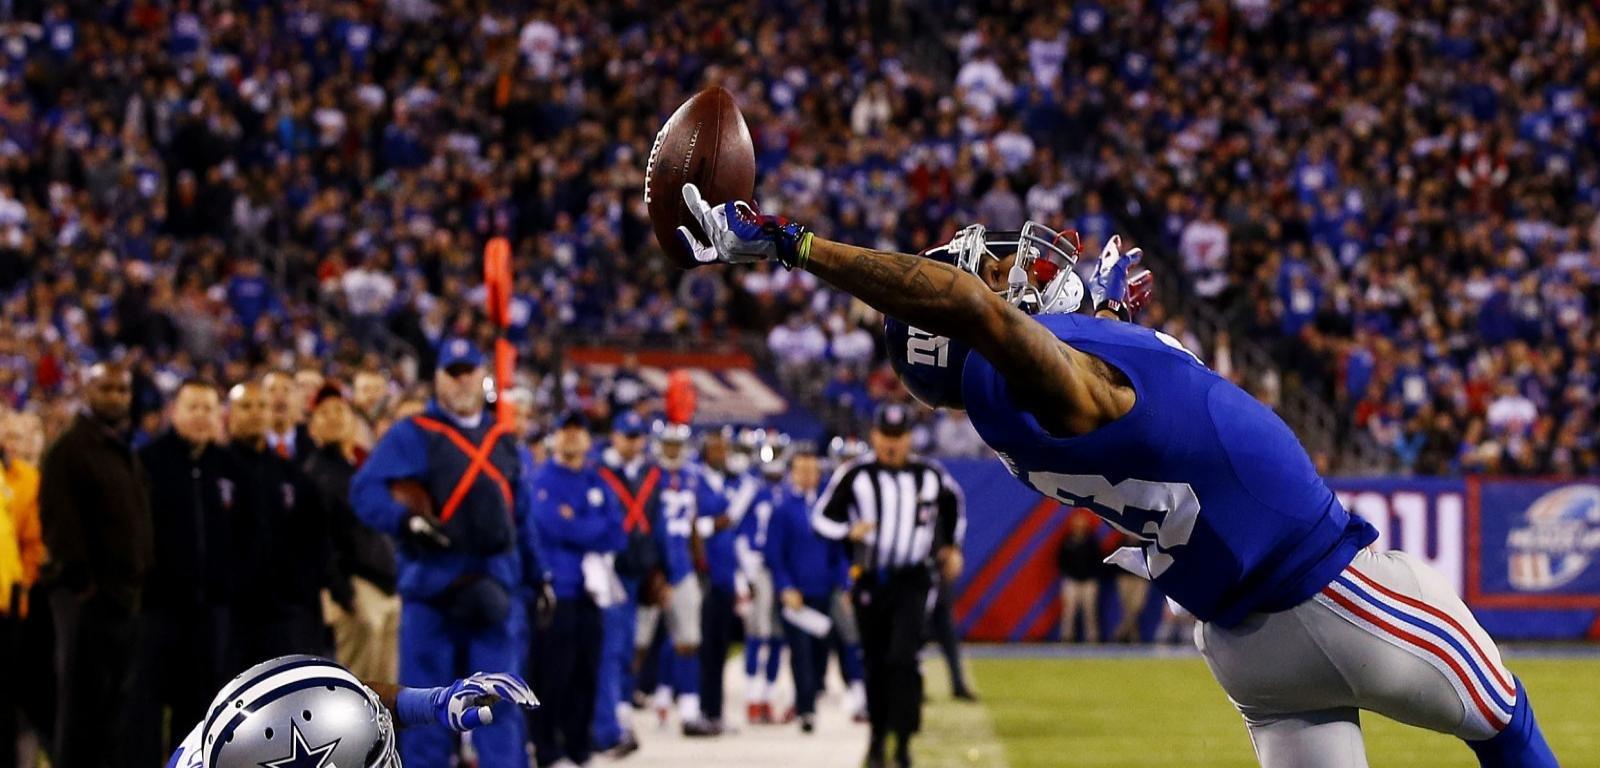 Best New York Giants Wallpaper Id Catch Odell Beckham Jr 2619728 Hd Wallpaper Backgrounds Download